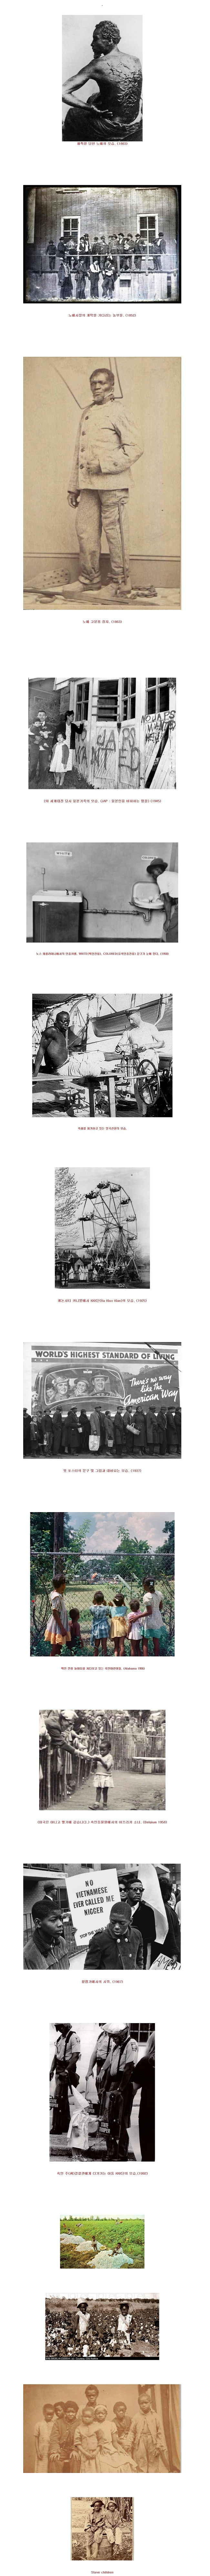 인종 차별의 역사.jpg